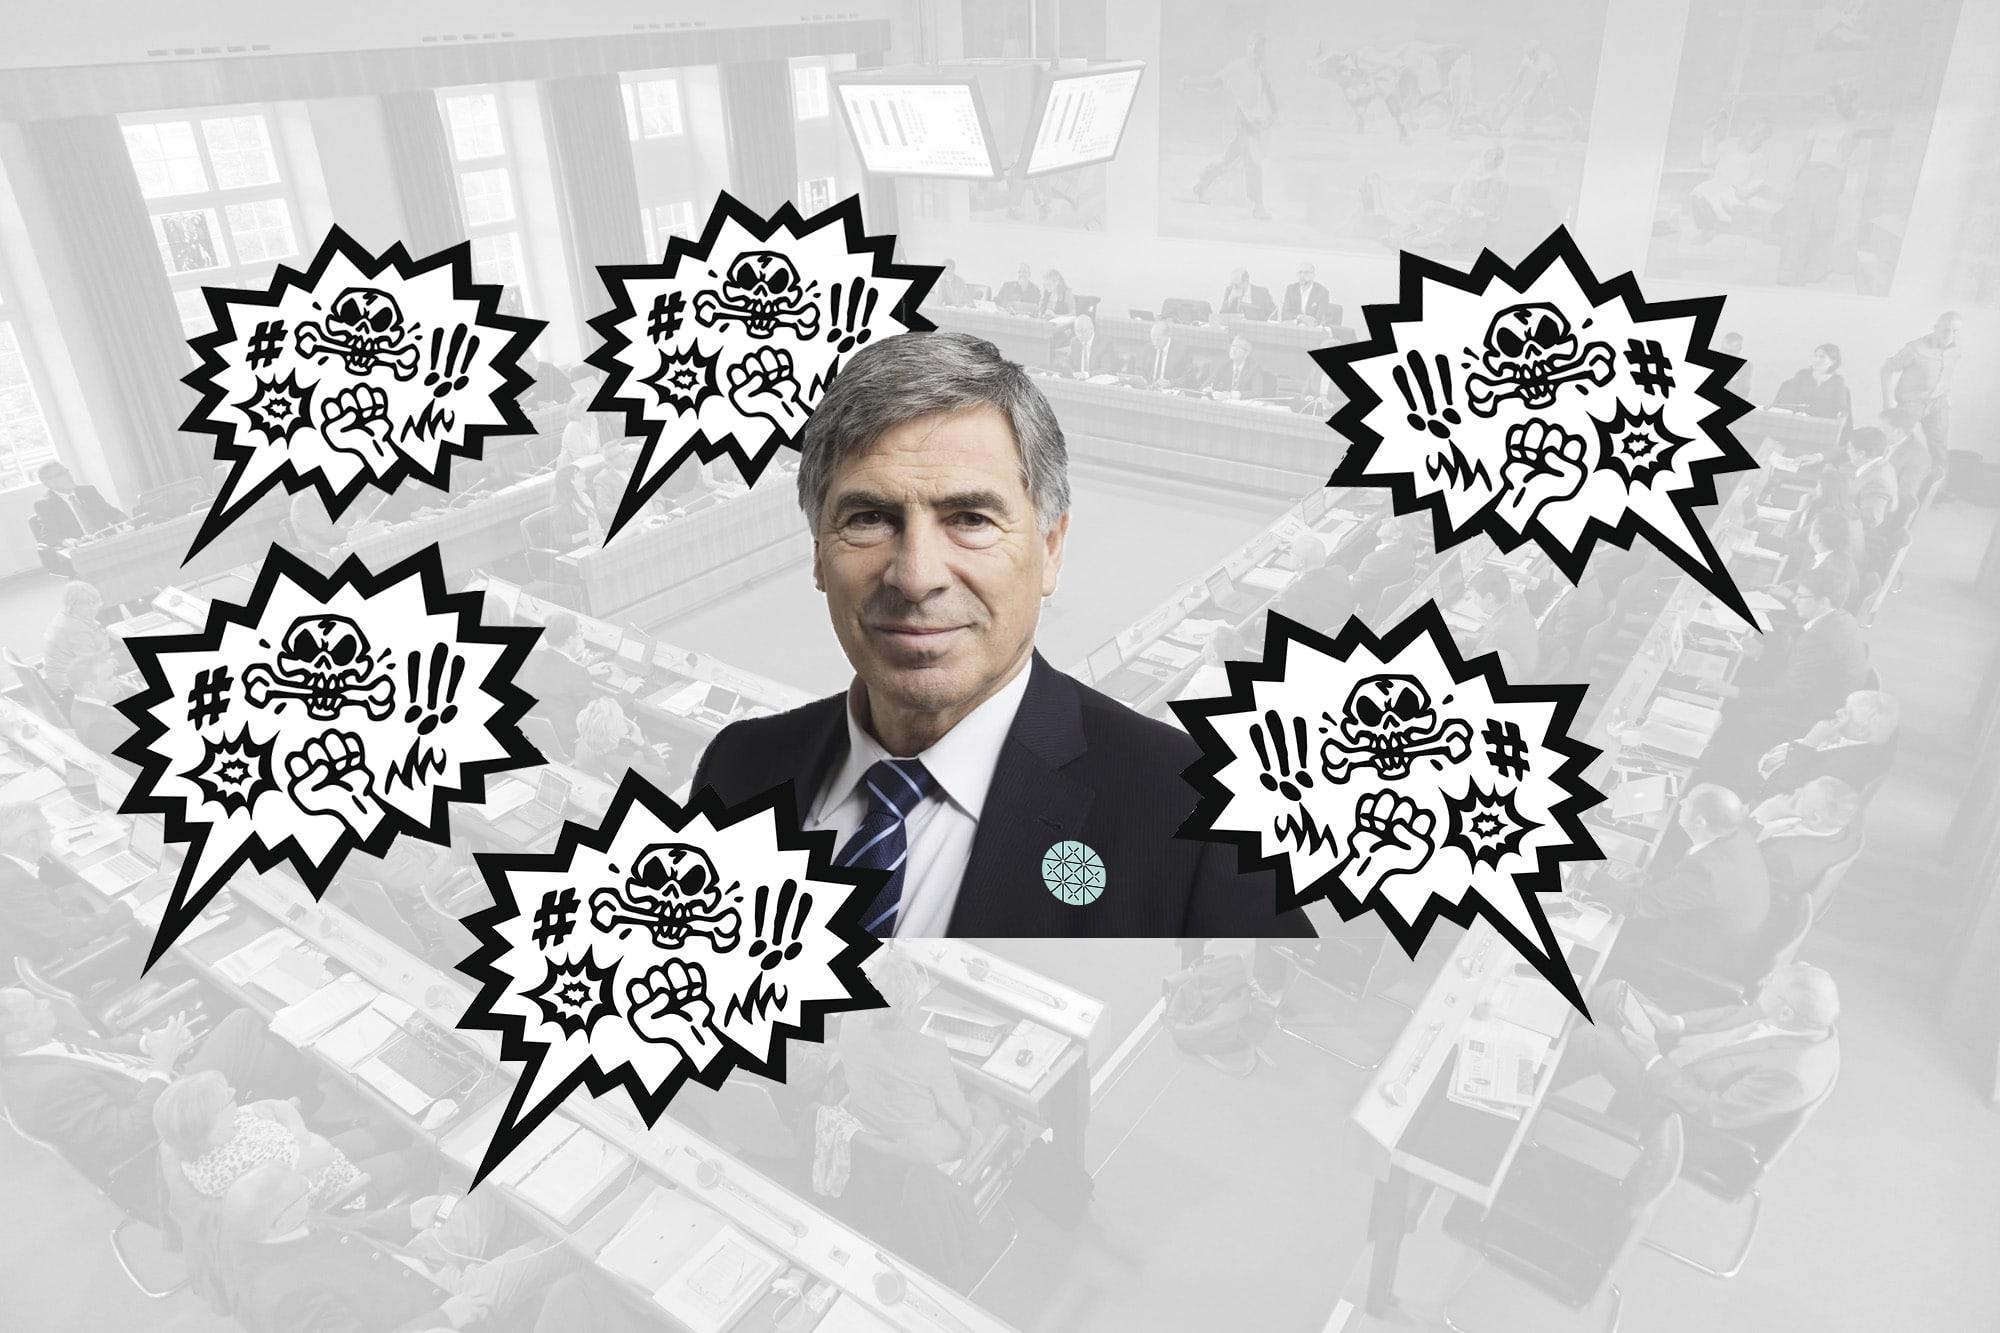 Eckt gerne an: Jetzt erhielt Christoph Eymann im Landrat die Quittung für seine provokativen Aussagen.